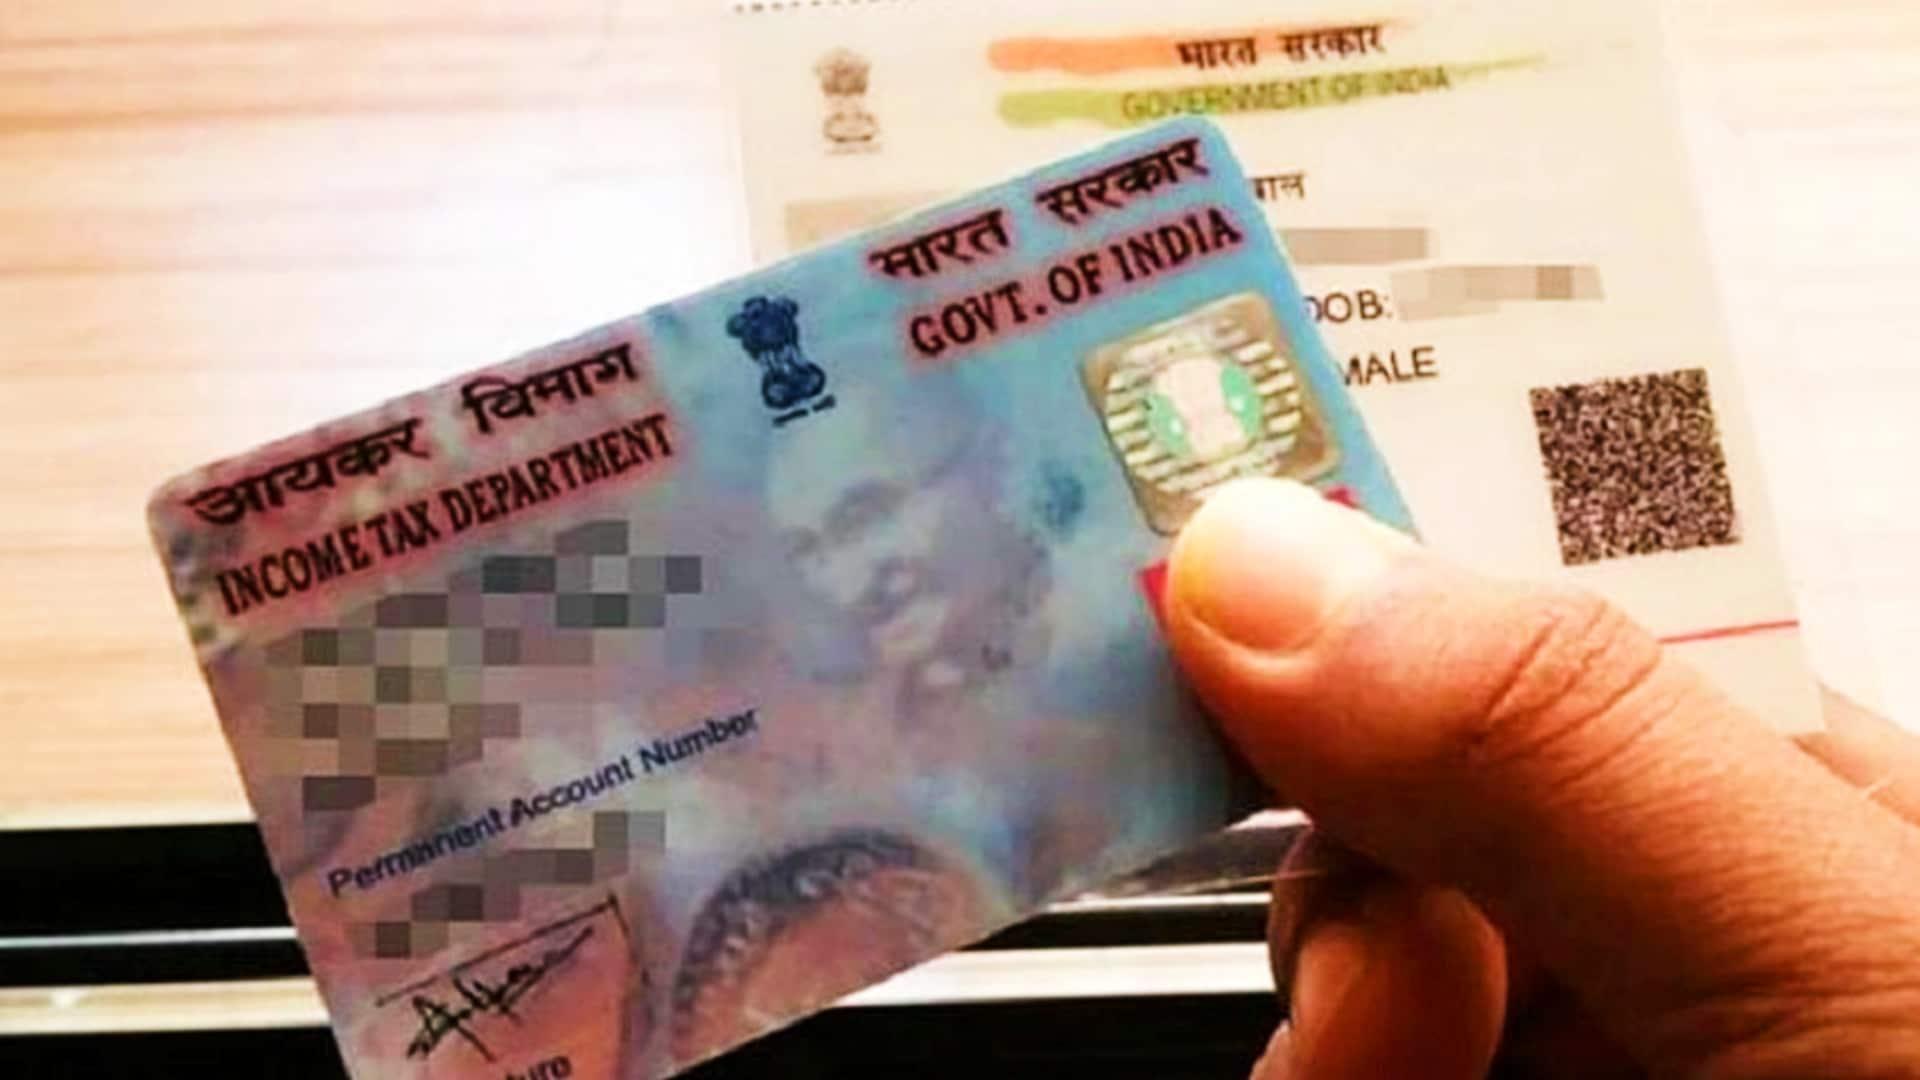 আগামী ৩১ মার্চের মধ্যেই প্যান কার্ডের (PAN Card) সঙ্গে আধার কার্ড (Aadhar Card) সংযুক্ত করতে হবে। অন্যথা সাময়িকভাবে বাতিল হয়ে যাবে প্যান কার্ড। ছবি : পিটিআই (PTI)